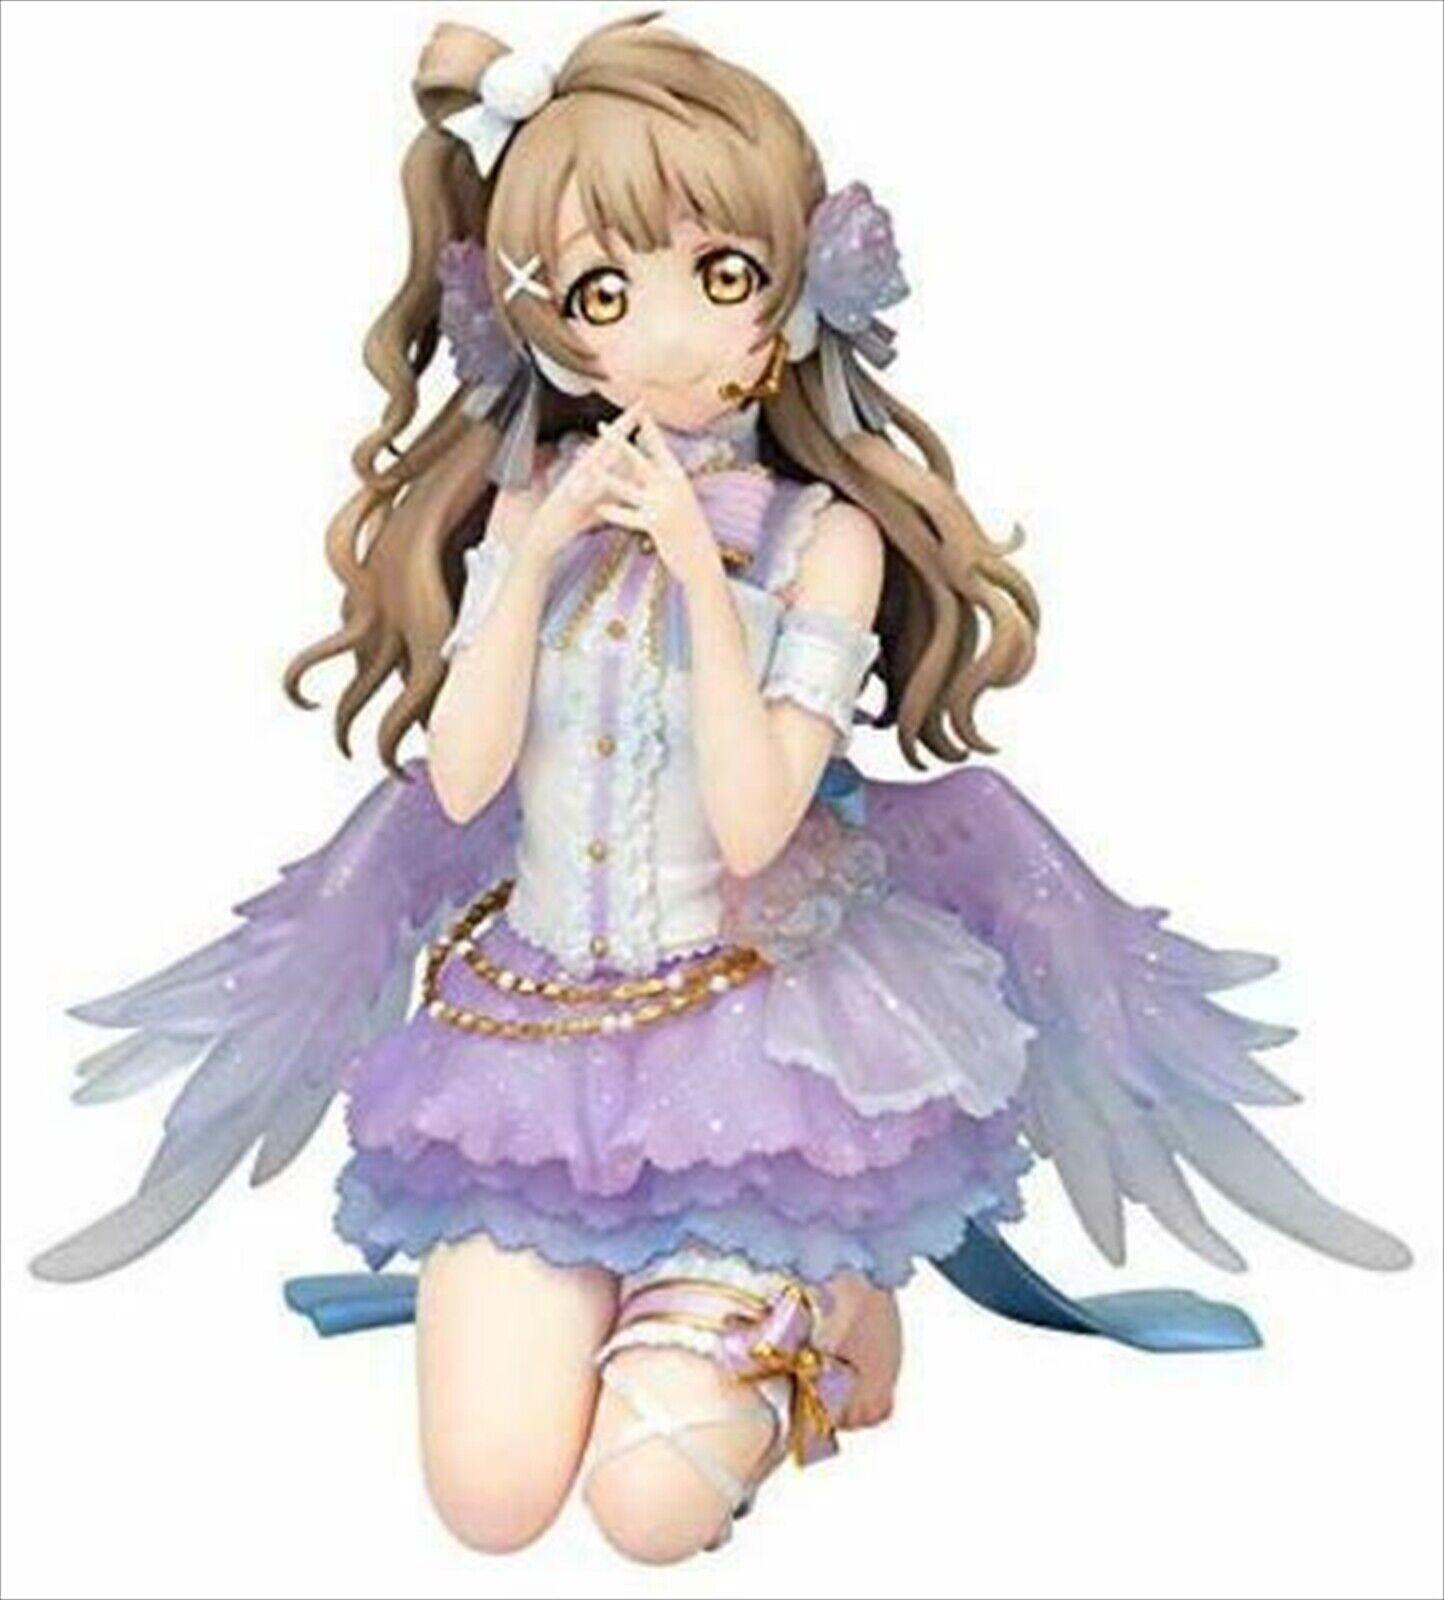 Alter Love Live SCHOOL iDOL Festival Kotori Minami Figura Figurina PVC Regalo Nuovo